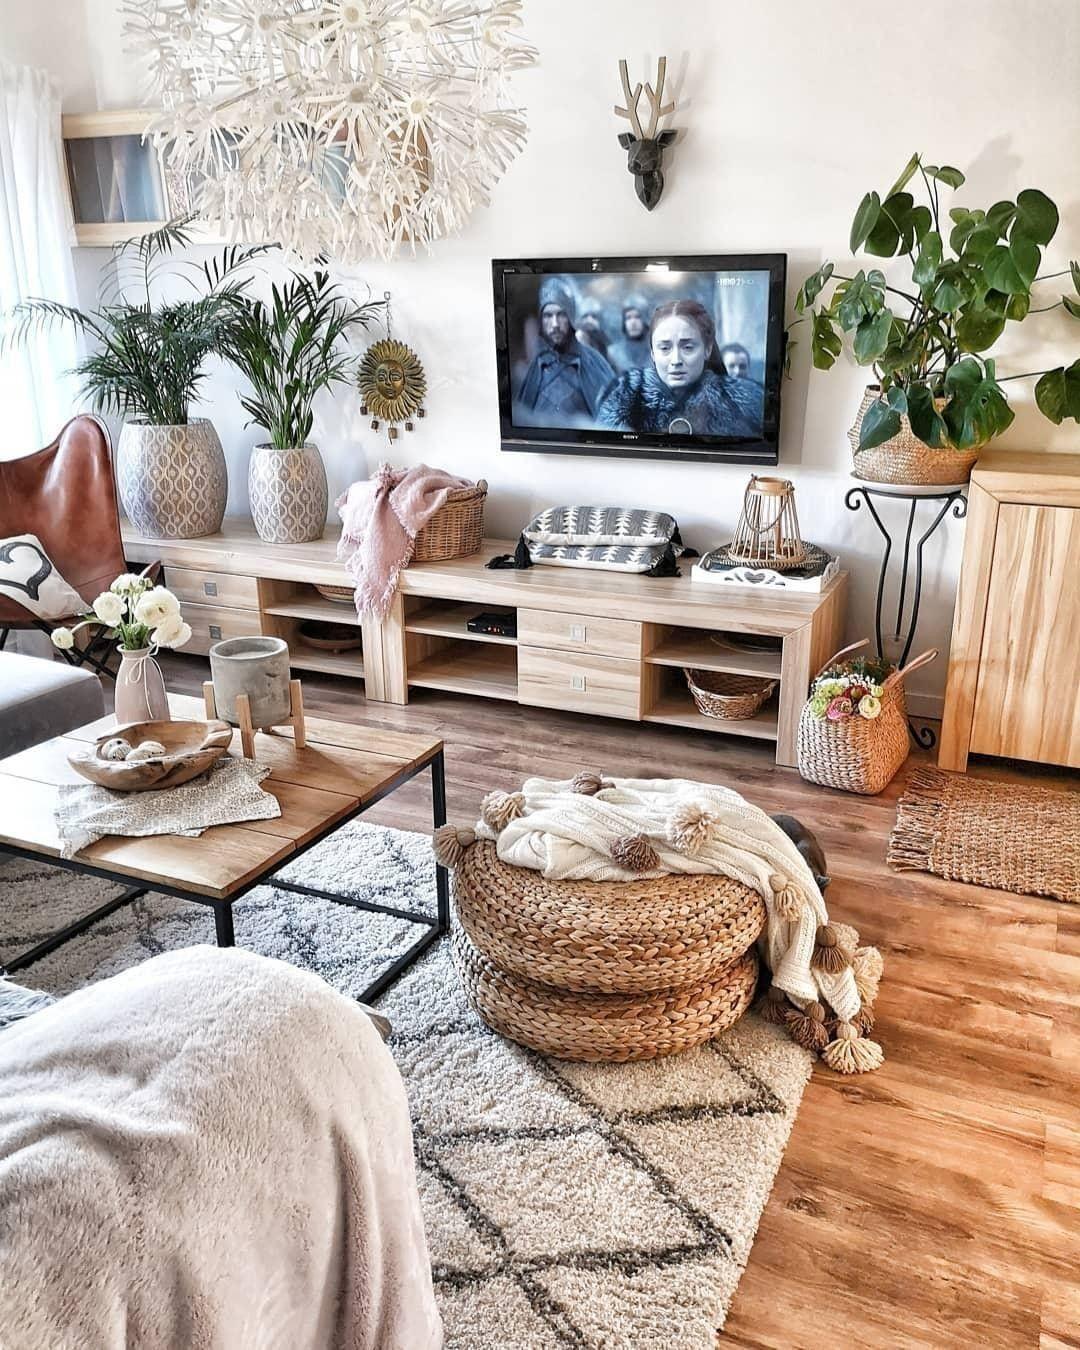 Boho Chic Home Decor Plans And Ideas Interiorinspirasjon Gallerivegg Hjem